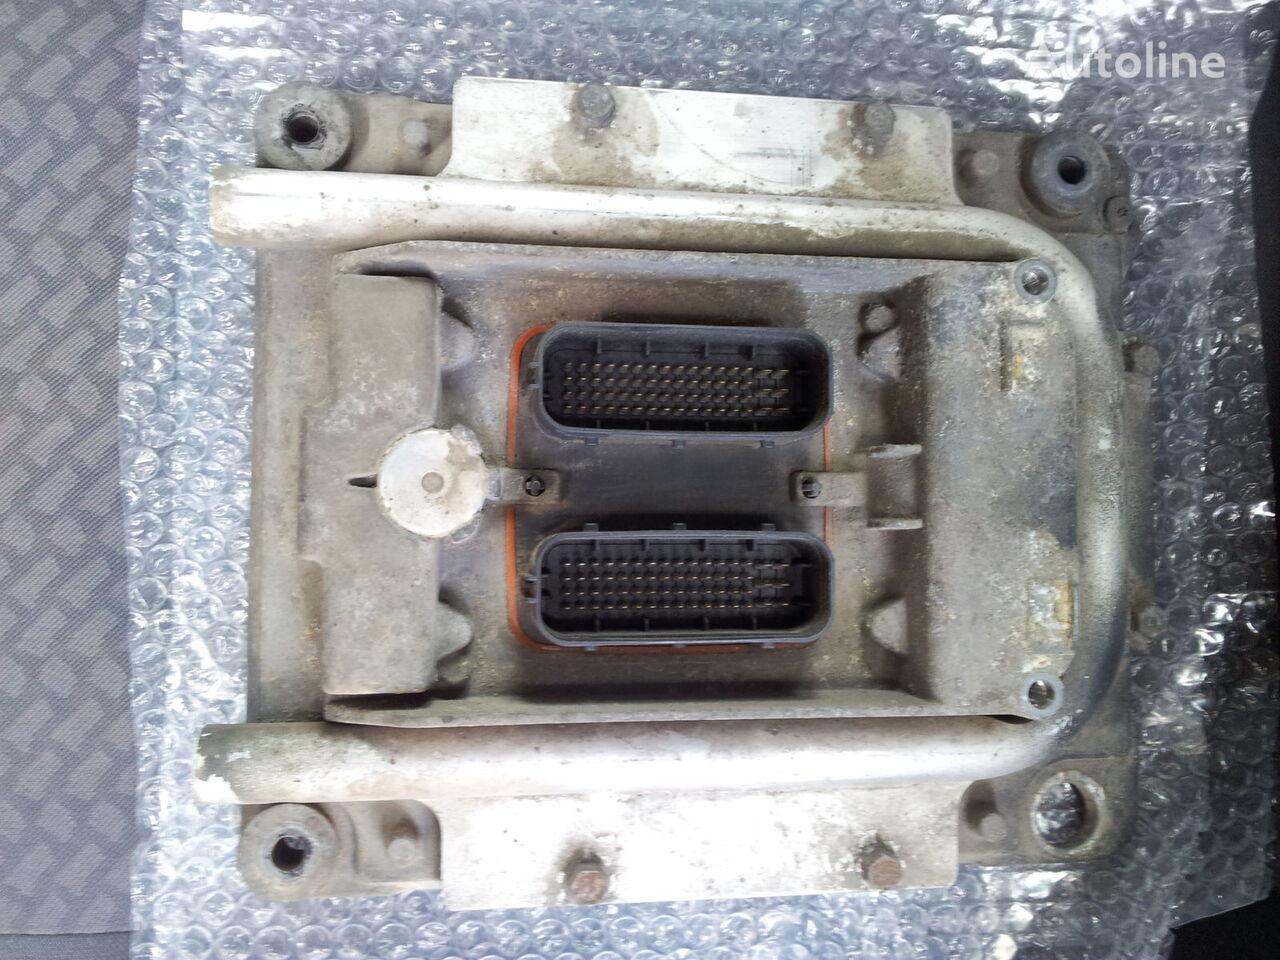 upravljačka jedinica  Renault VOLVO FH13, ECU control unit, 440PS, engine control unit, 20561252 P02, 20814604, 20977019, 21300122, 85123379, 85111591, 85110111, 85000776, 85000847, 85003360 za tegljača RENAULT Premium DXI